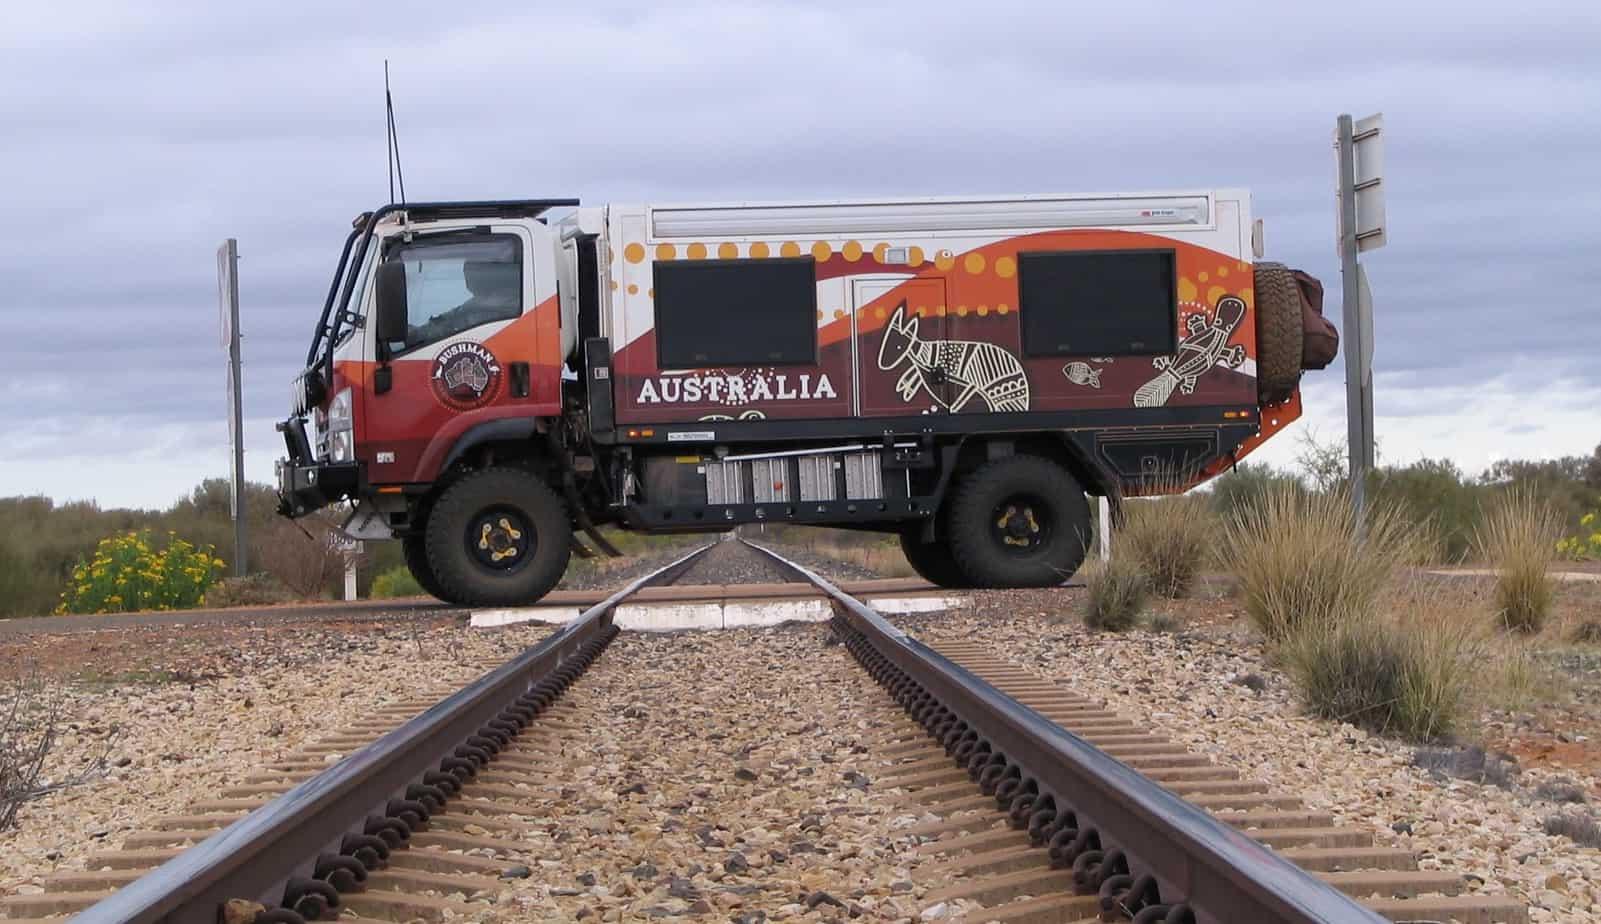 Featured Vehicle: The Aussie Bushman